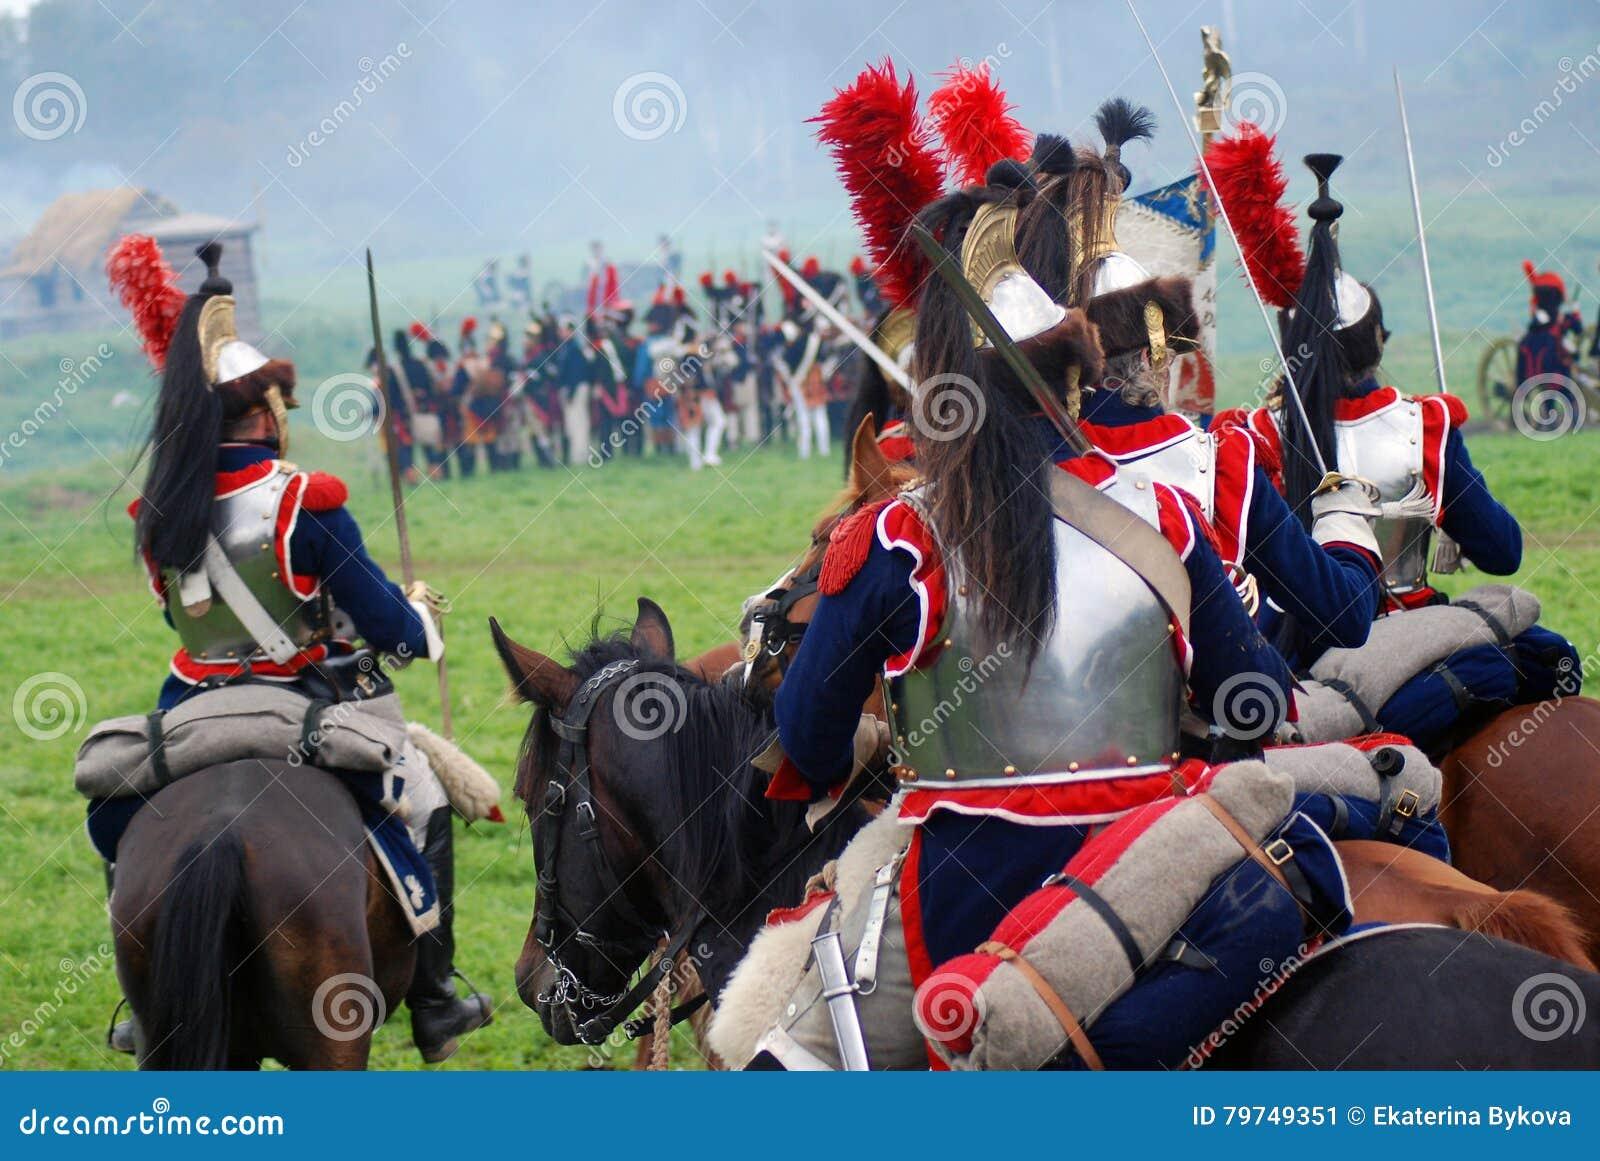 Coraceros en la reconstrucción histórica de la batalla de Borodino en Rusia